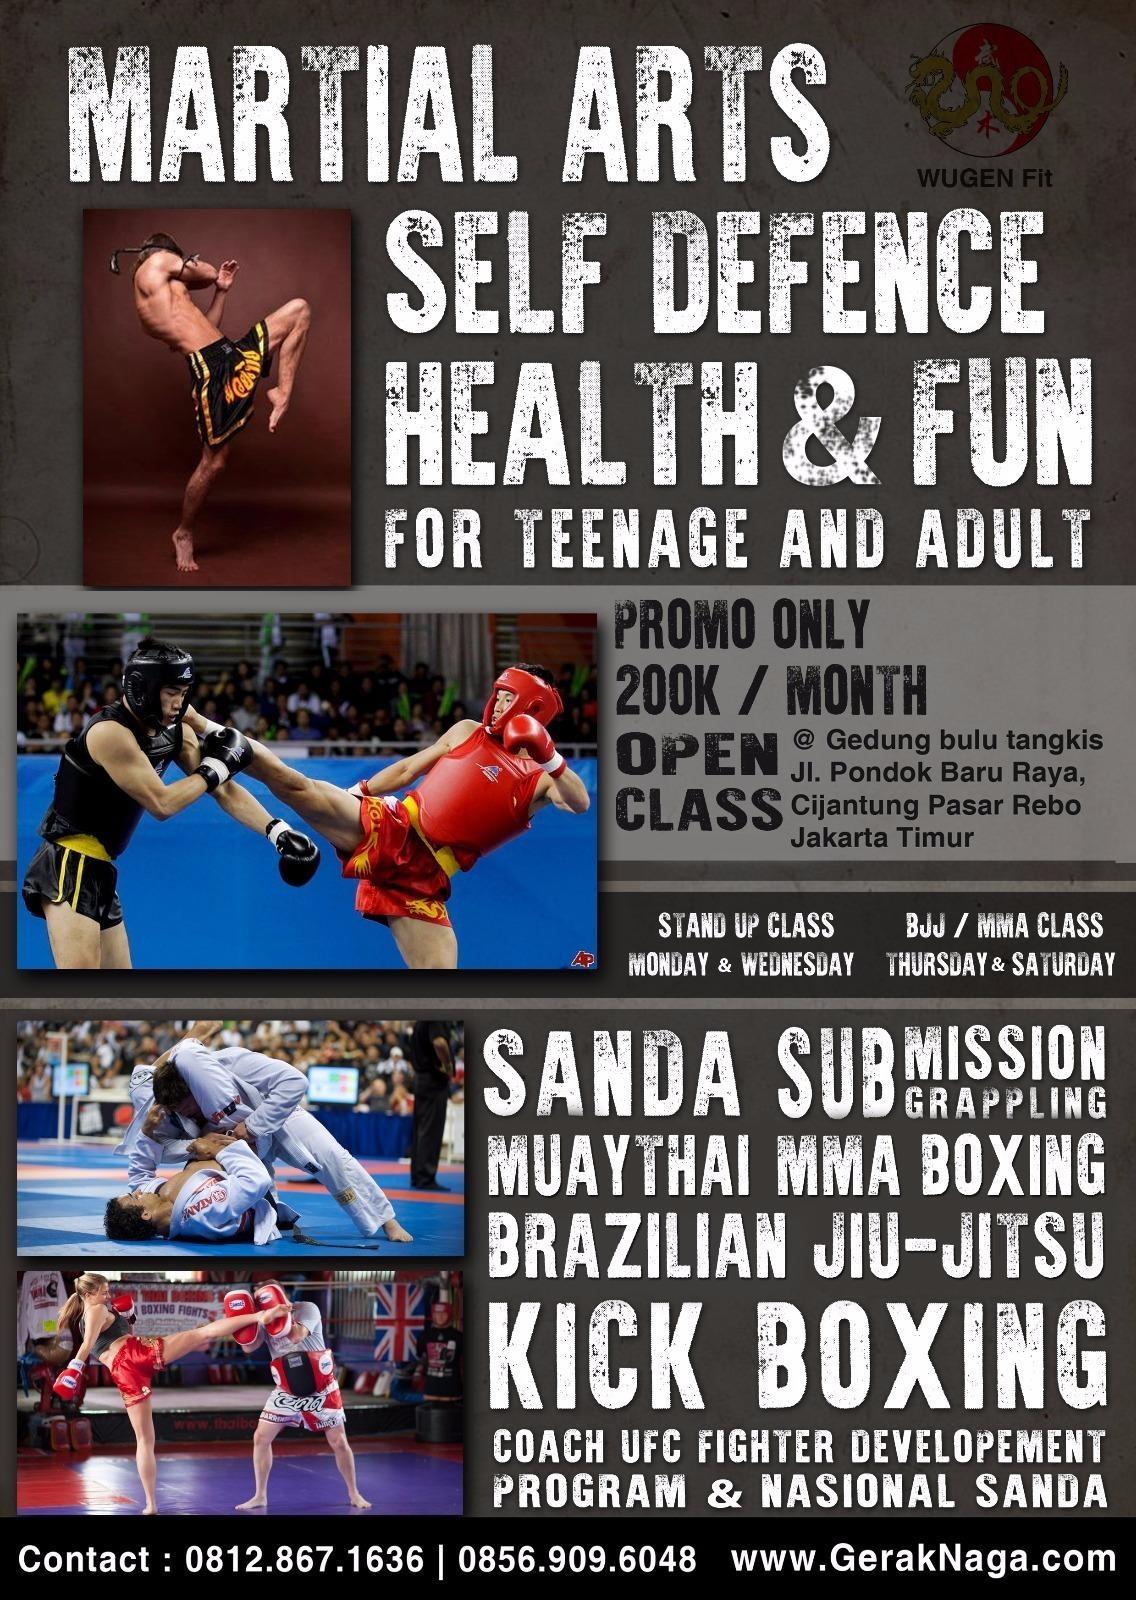 GENBORN Academy (GerakNaga): MuayThai/SANDA/Boxing/MMA/BJJ/Sambo